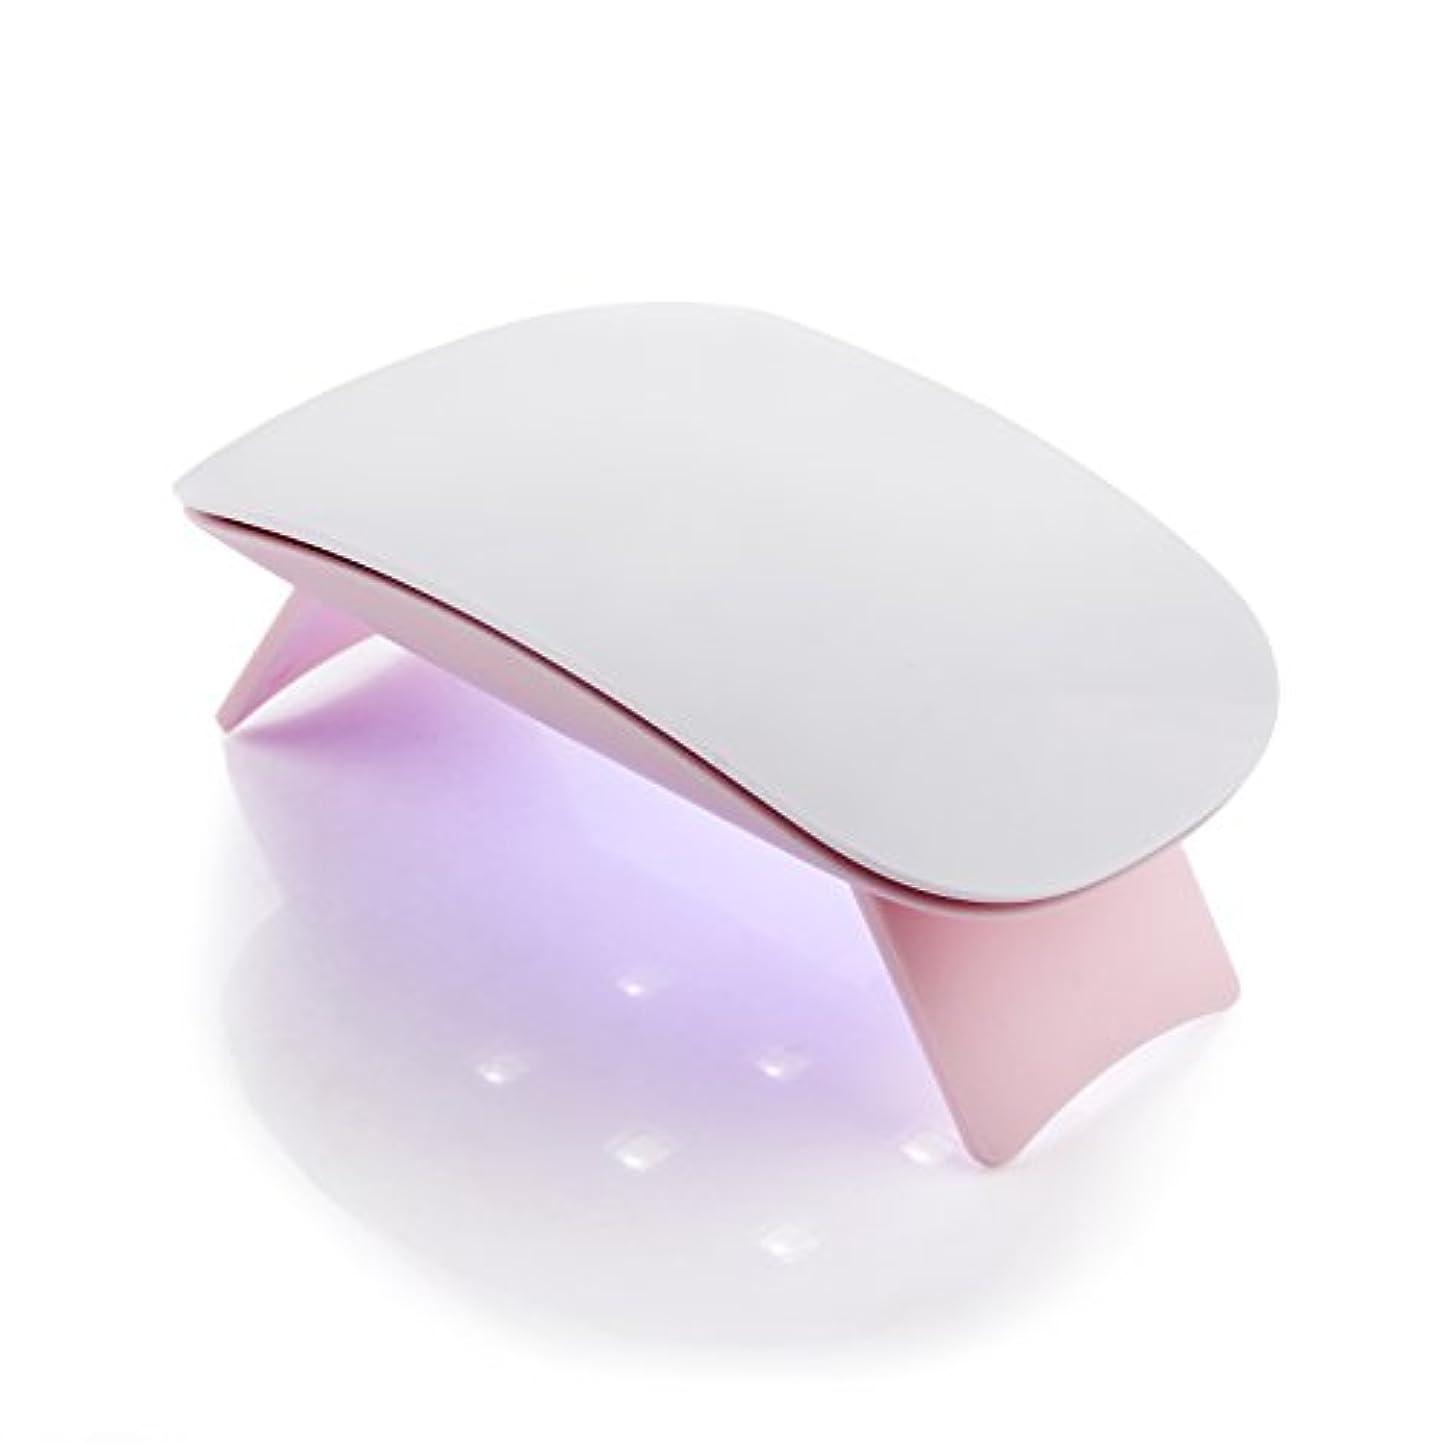 対象牛半球Makartt 6W UV ジェルネイルLEDライト  超ミニ USB式ネイルドライヤー ネイル硬化用ライト 赤外線検知